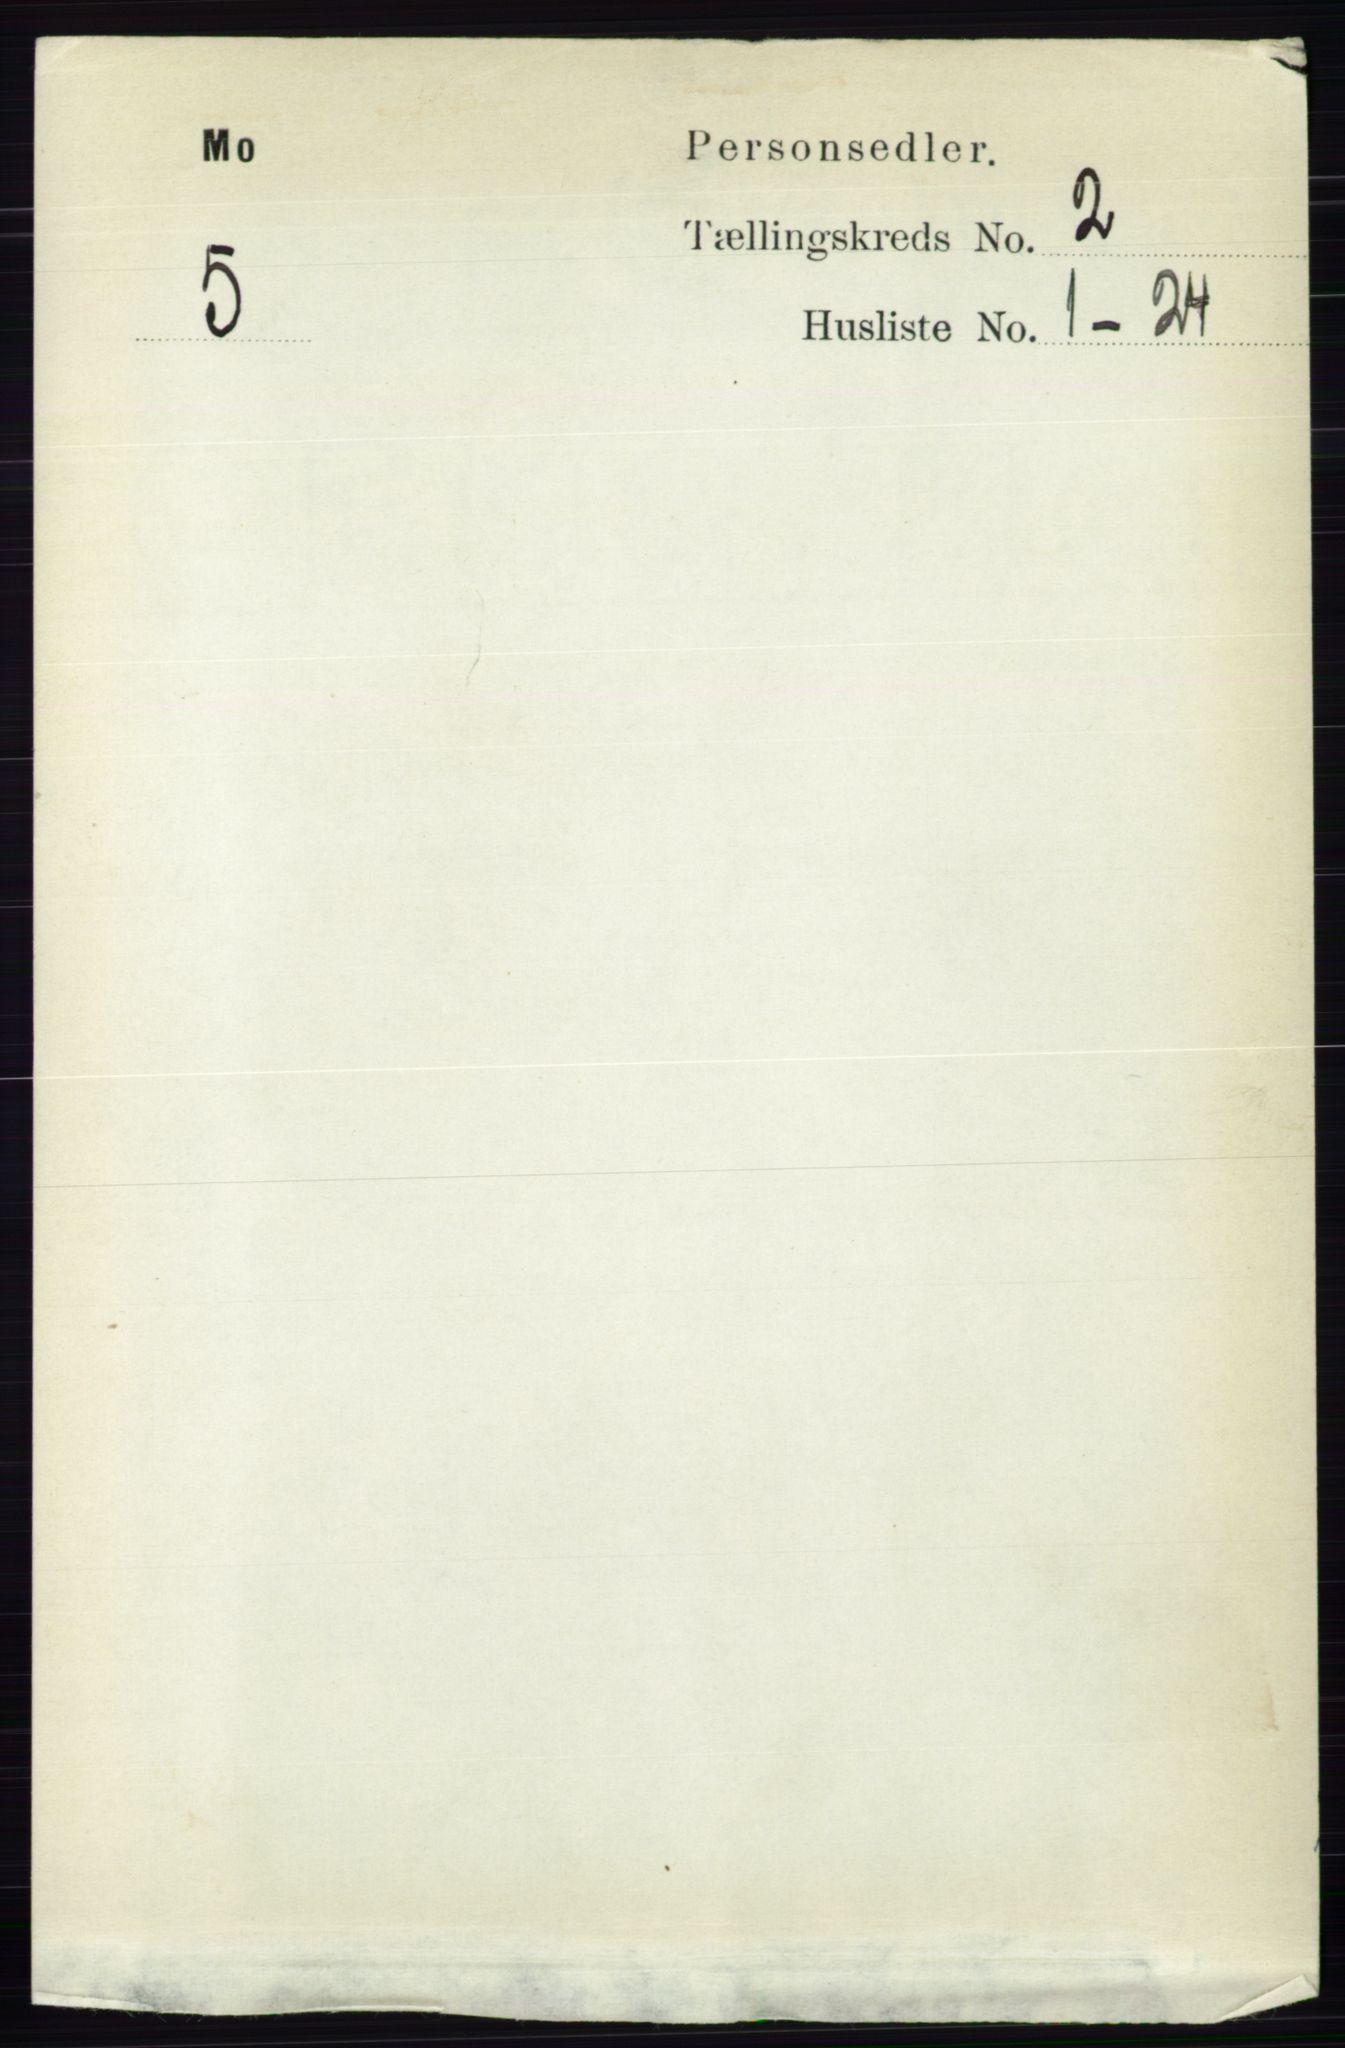 RA, Folketelling 1891 for 0832 Mo herred, 1891, s. 531